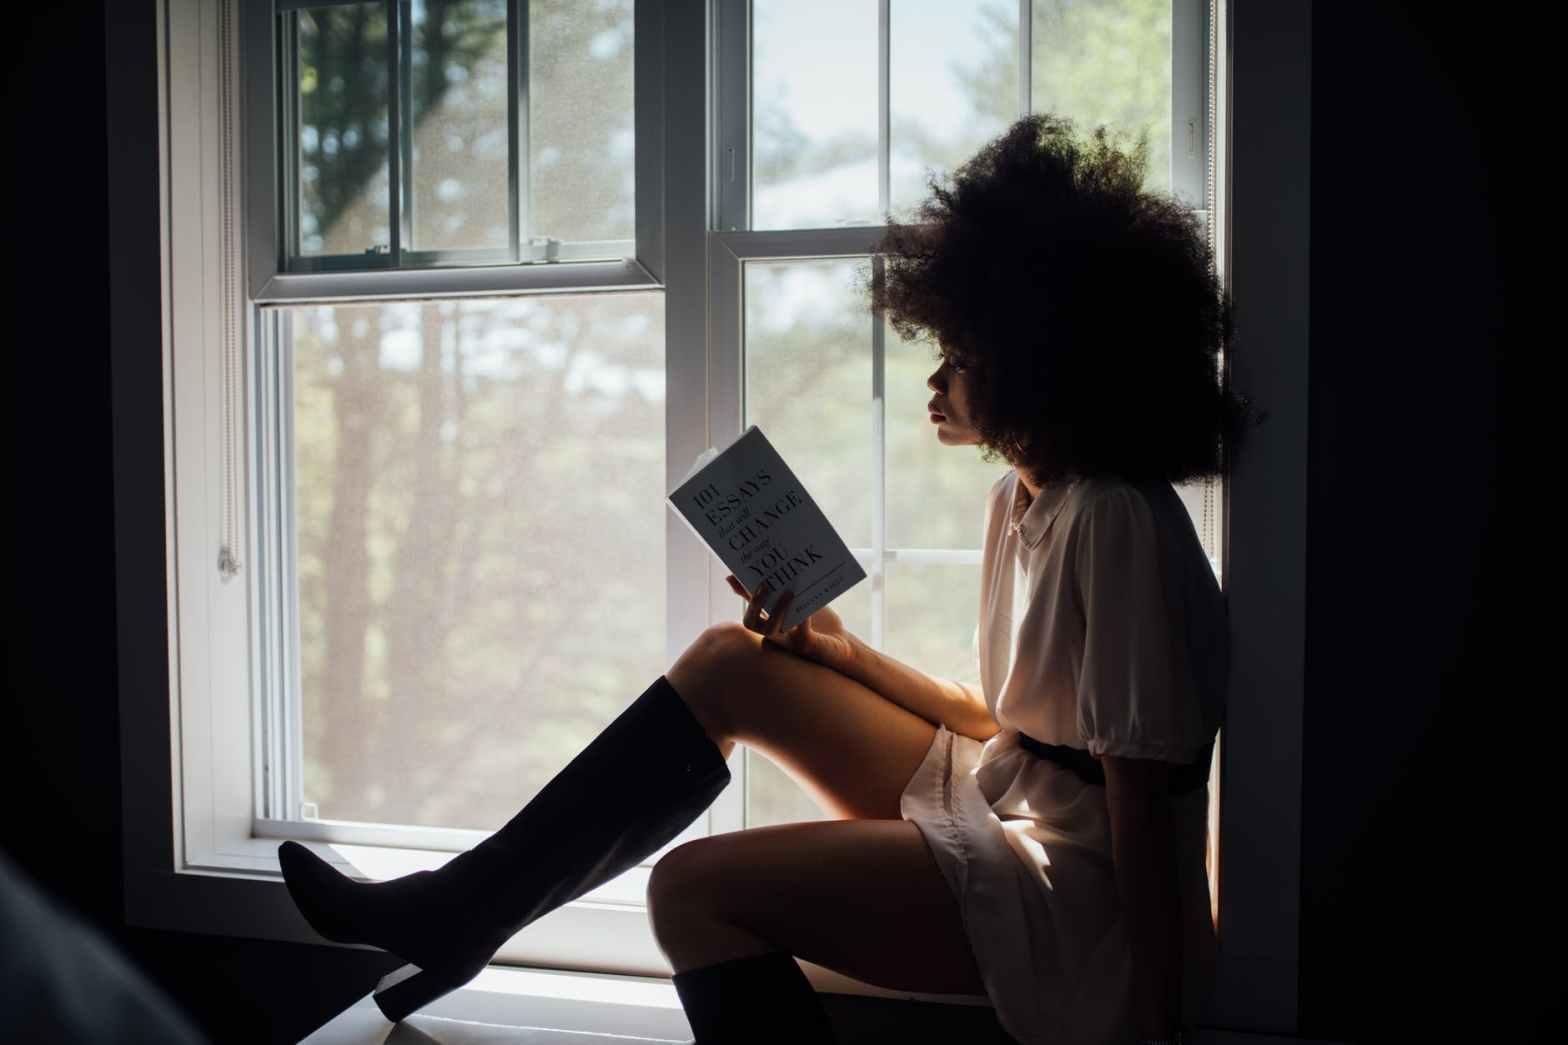 Silhouette d'une femme assise à la fenêtre lisant un livre